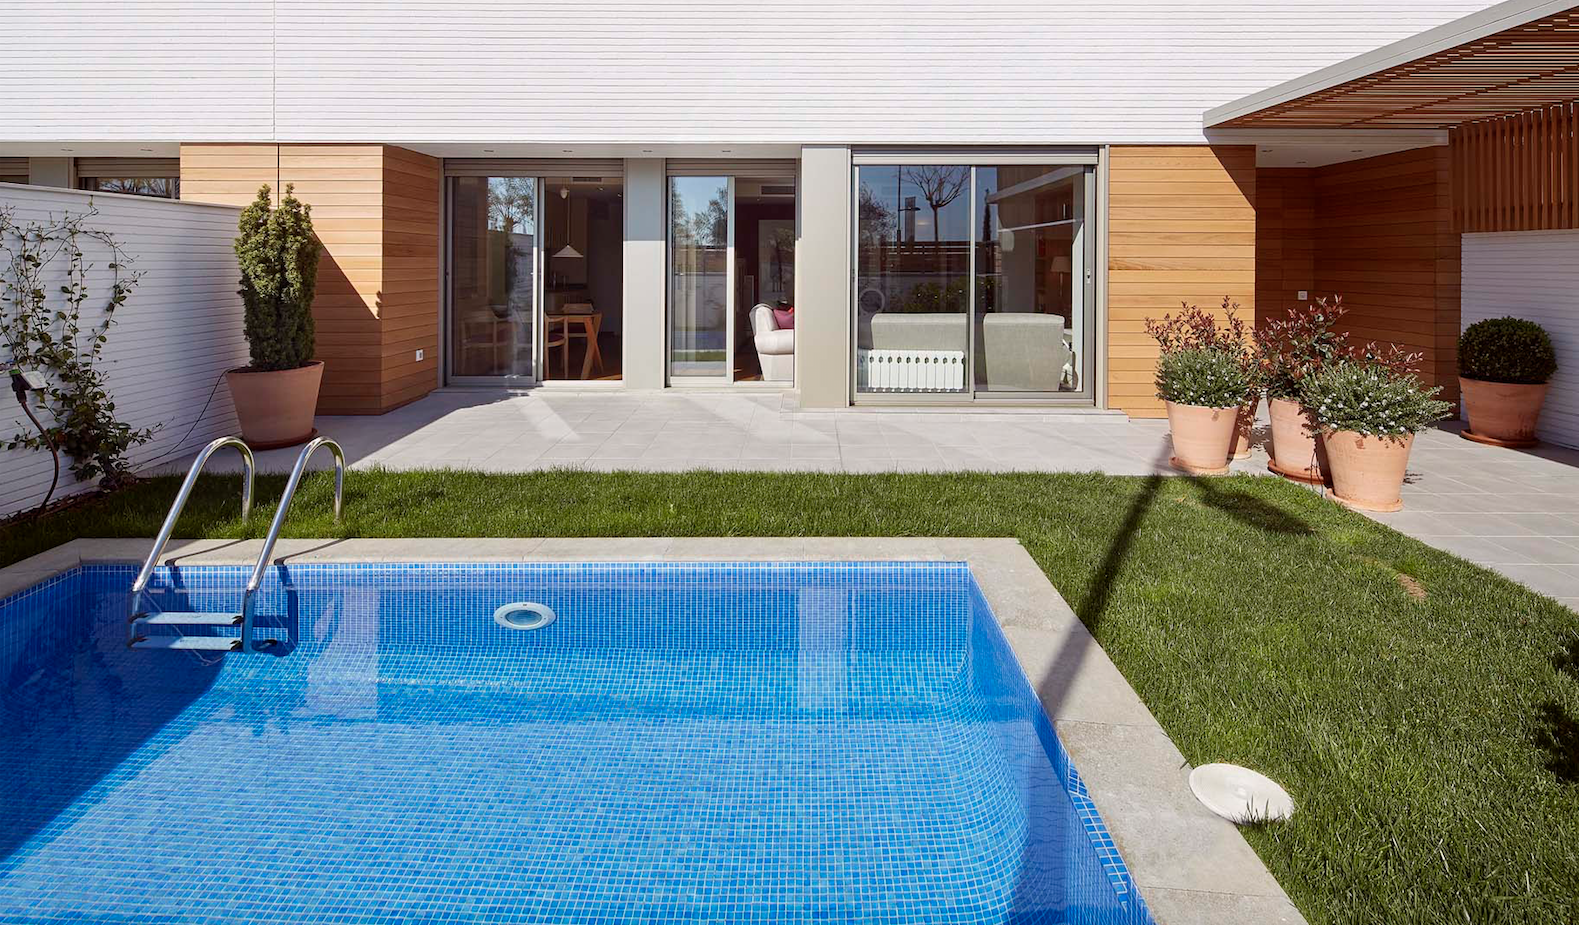 Els habitatges compten amb terrassa amb jardí i piscina FOTO: Cedida